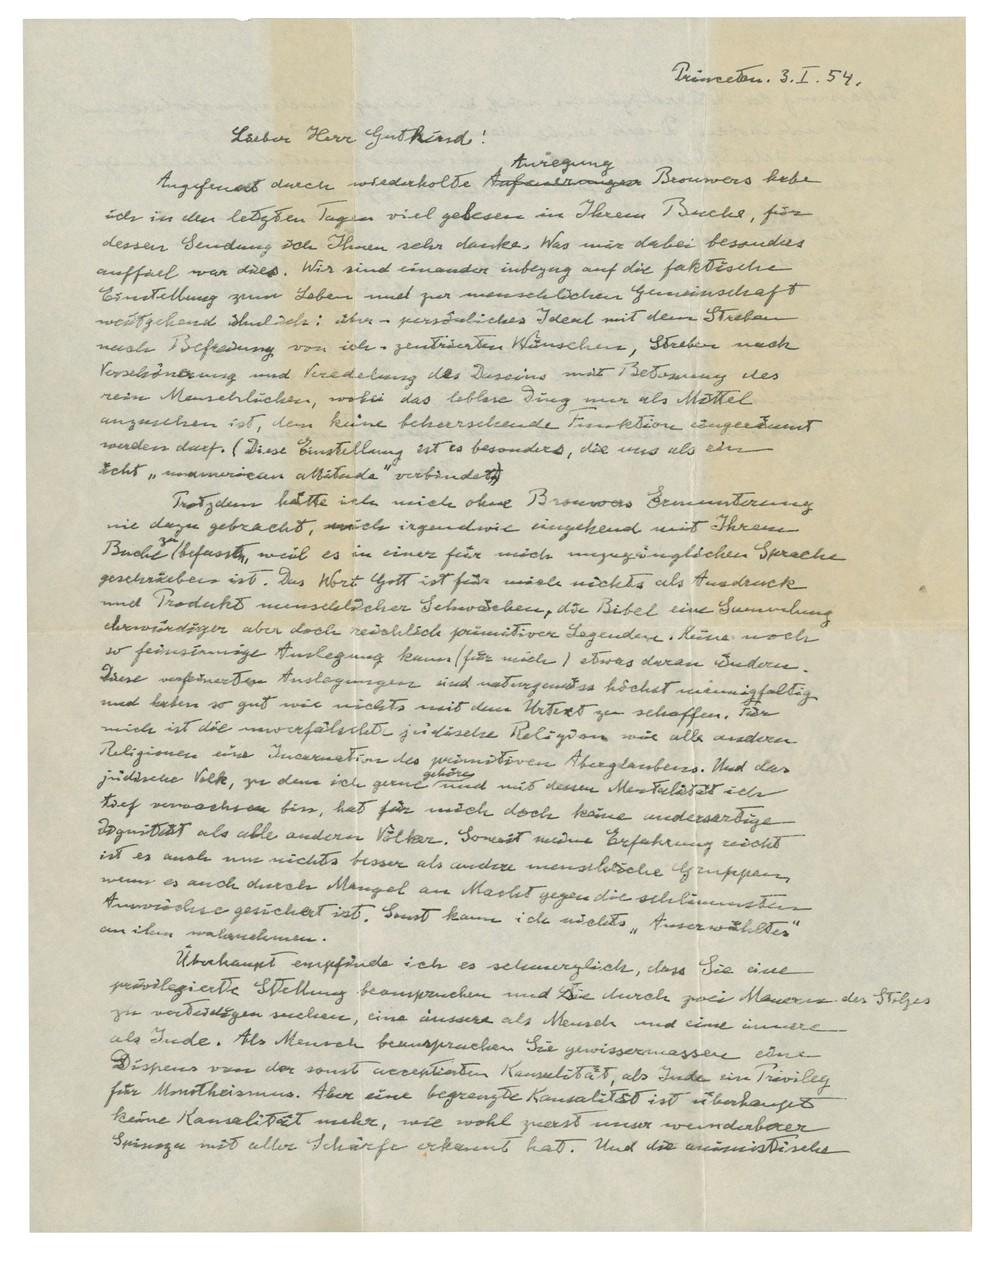 """Carta conhecida como """"A Carta Divina"""", escrita por Albert Einstein e dirigida ao filósofo Eric Gutkind, de 1954, é vista nesta foto fornecida pela casa de leilões Christie's em Nova York. — Foto: Christie's Images Limited 2018/Handout via REUTERS"""